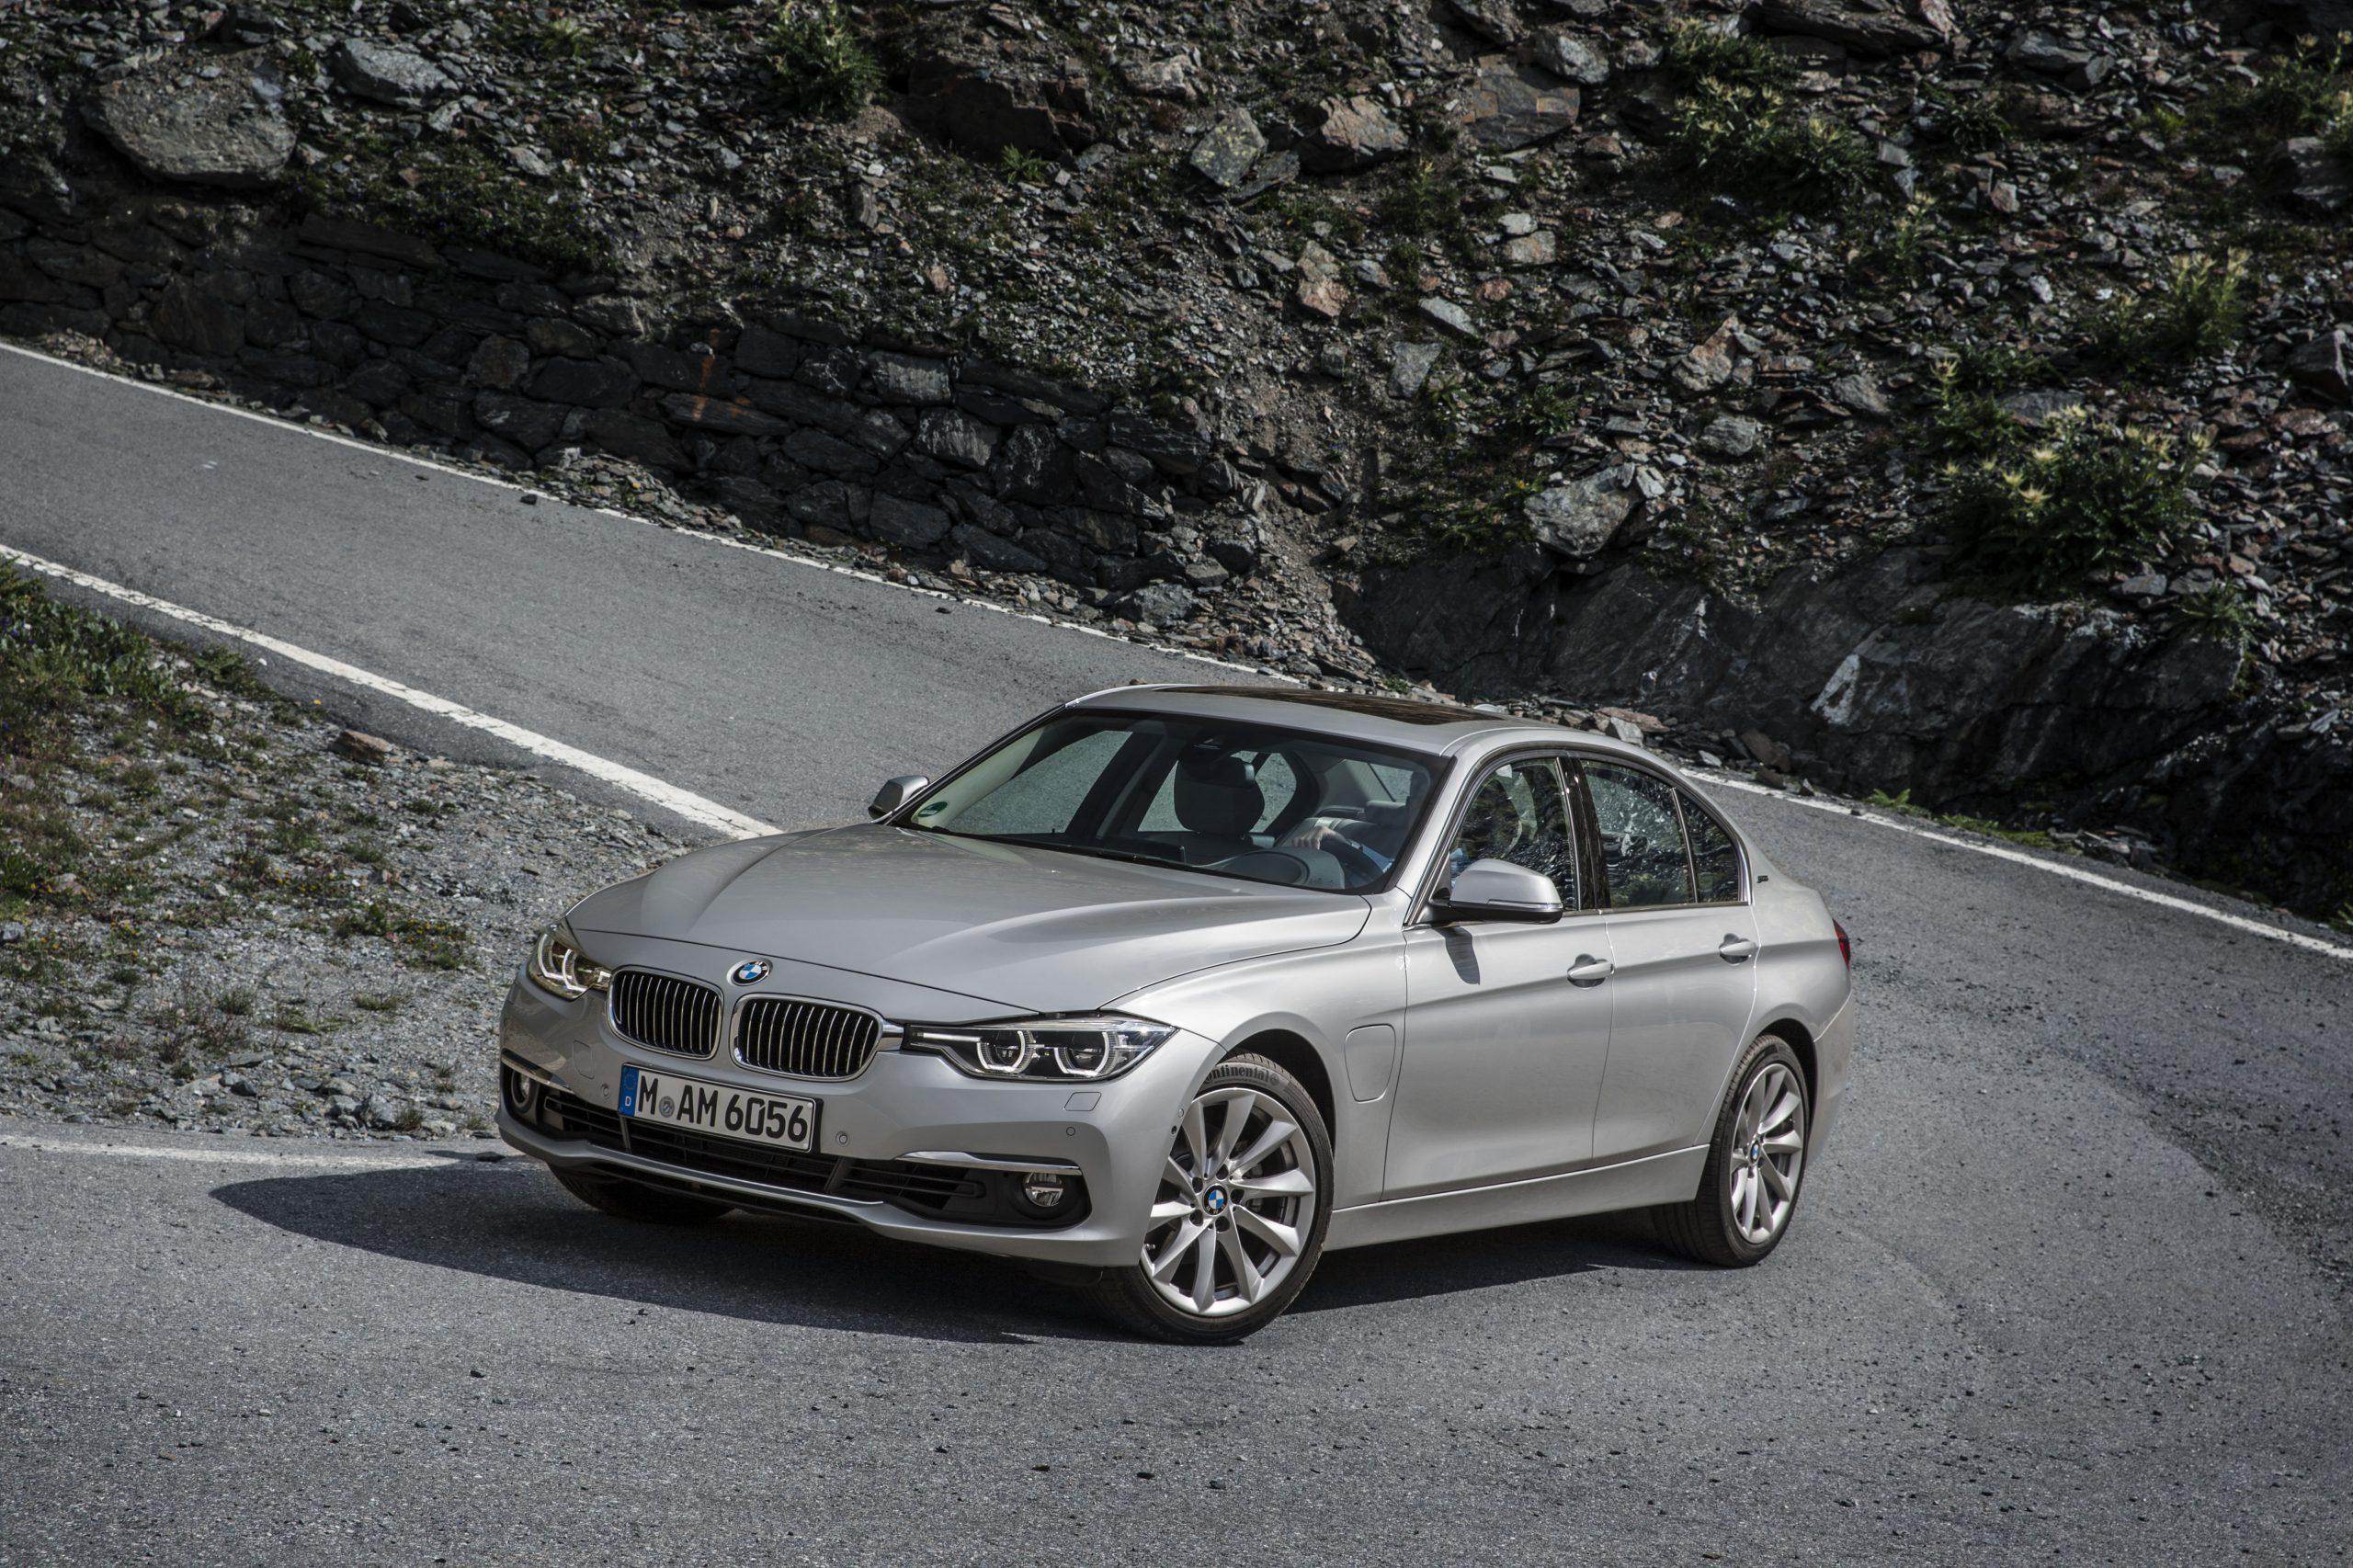 BMW4シリーズグランクーペ420iの限定モデル「IN STILE」発売!どれくらいお得かオプション換算して調べてみた^^